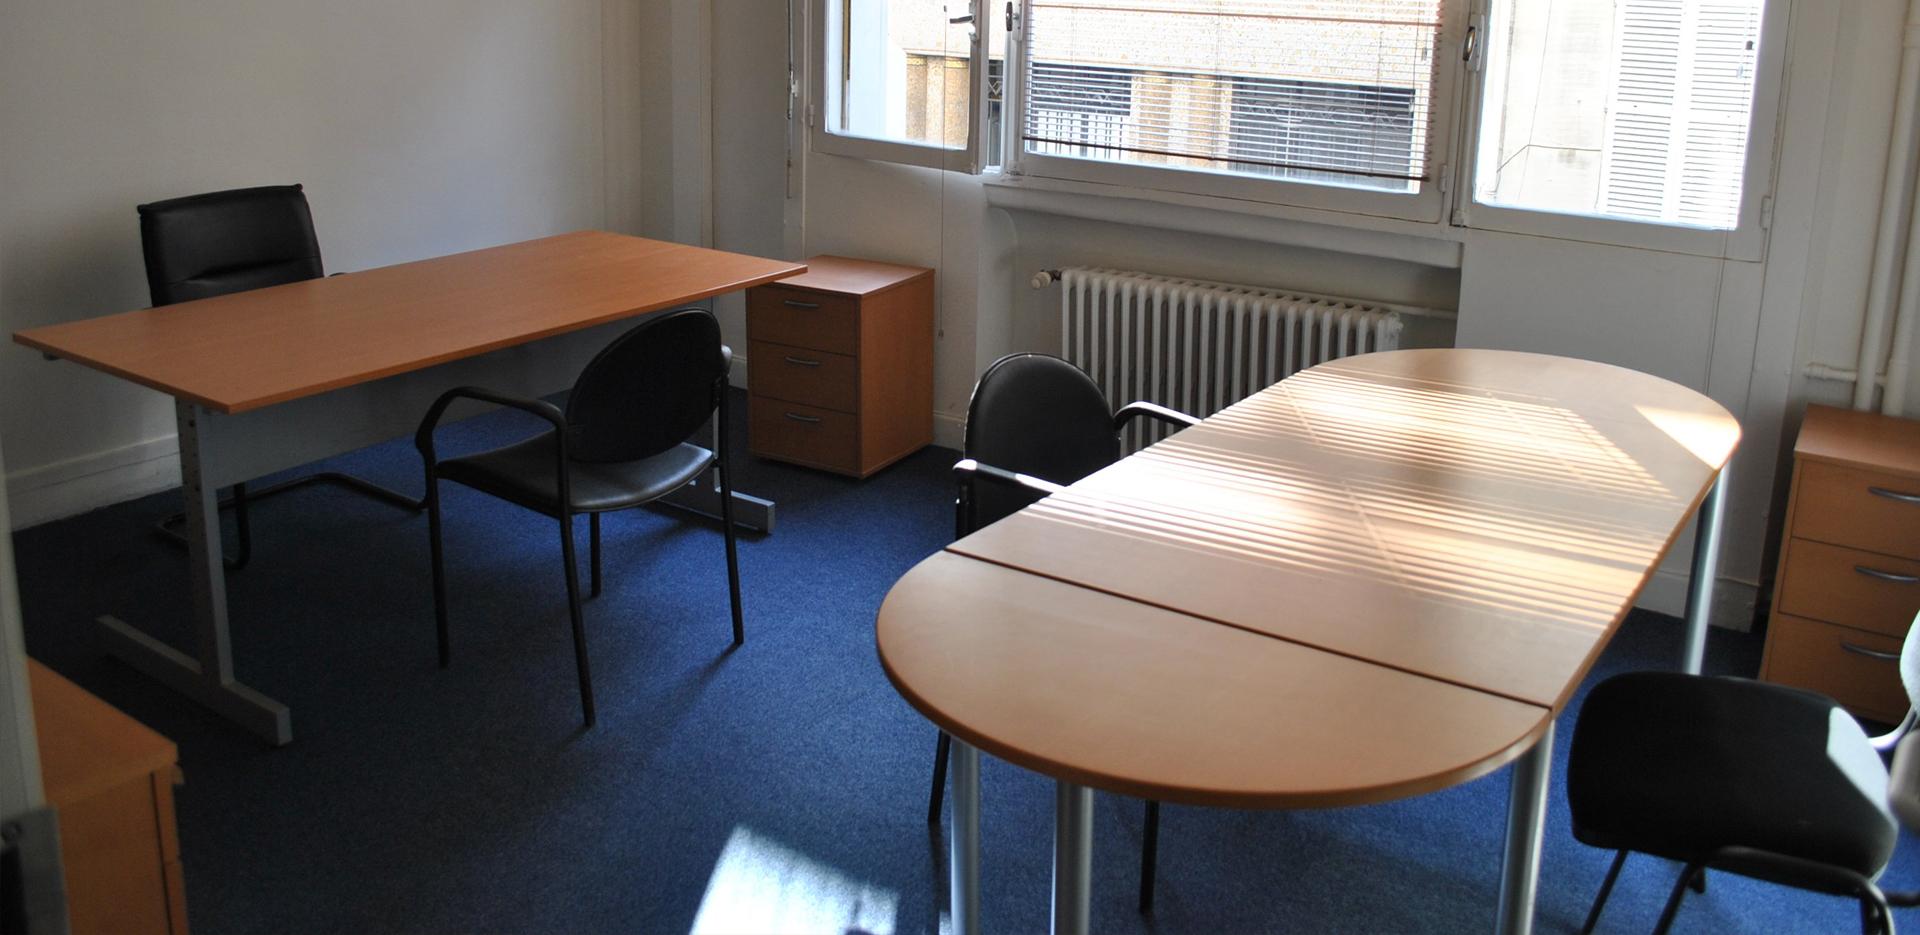 Location de bureaux - Centre Affaires AFC Paris